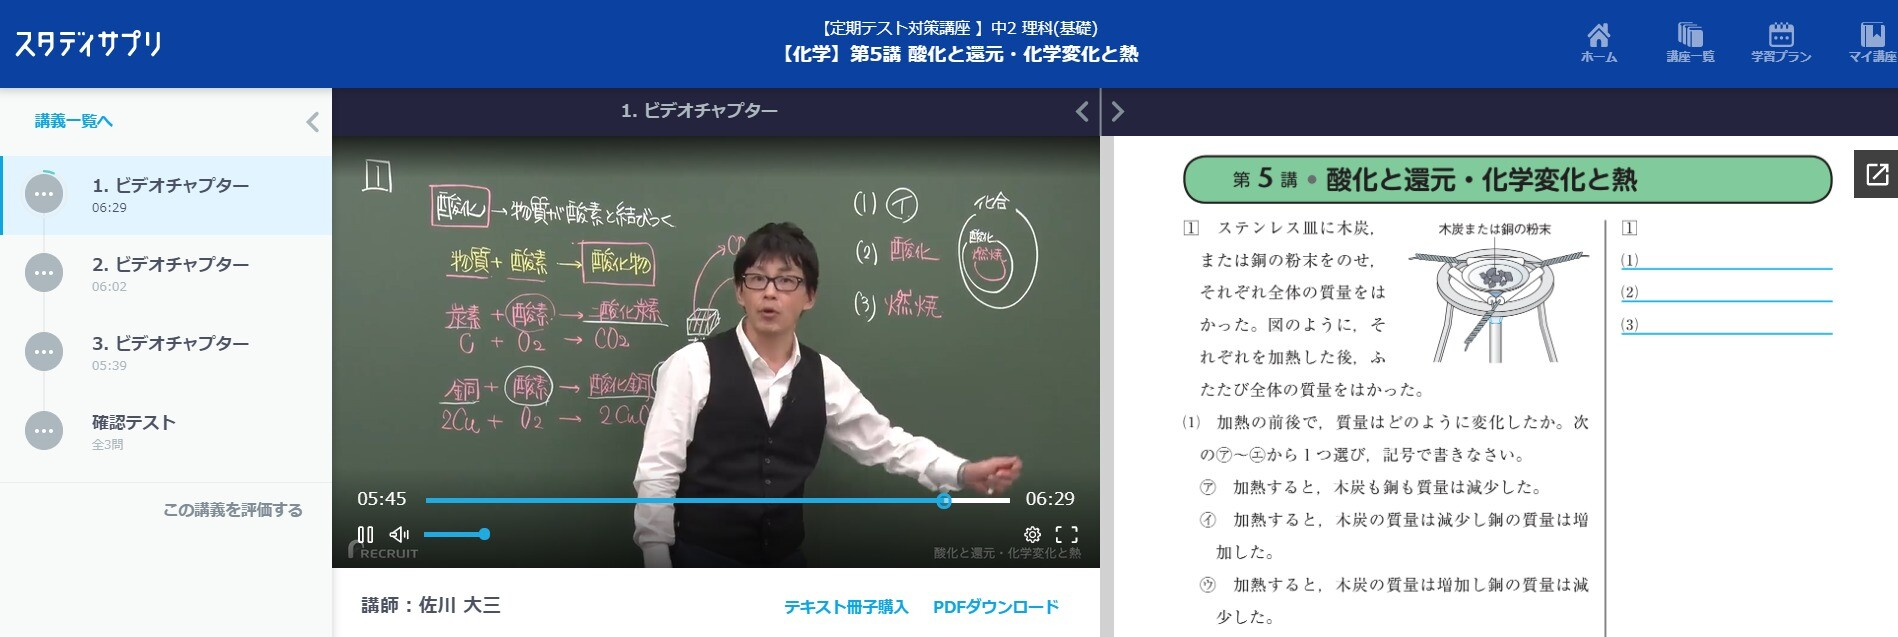 スタディサプリ中学理科講座の定期テスト対策講座の講義例